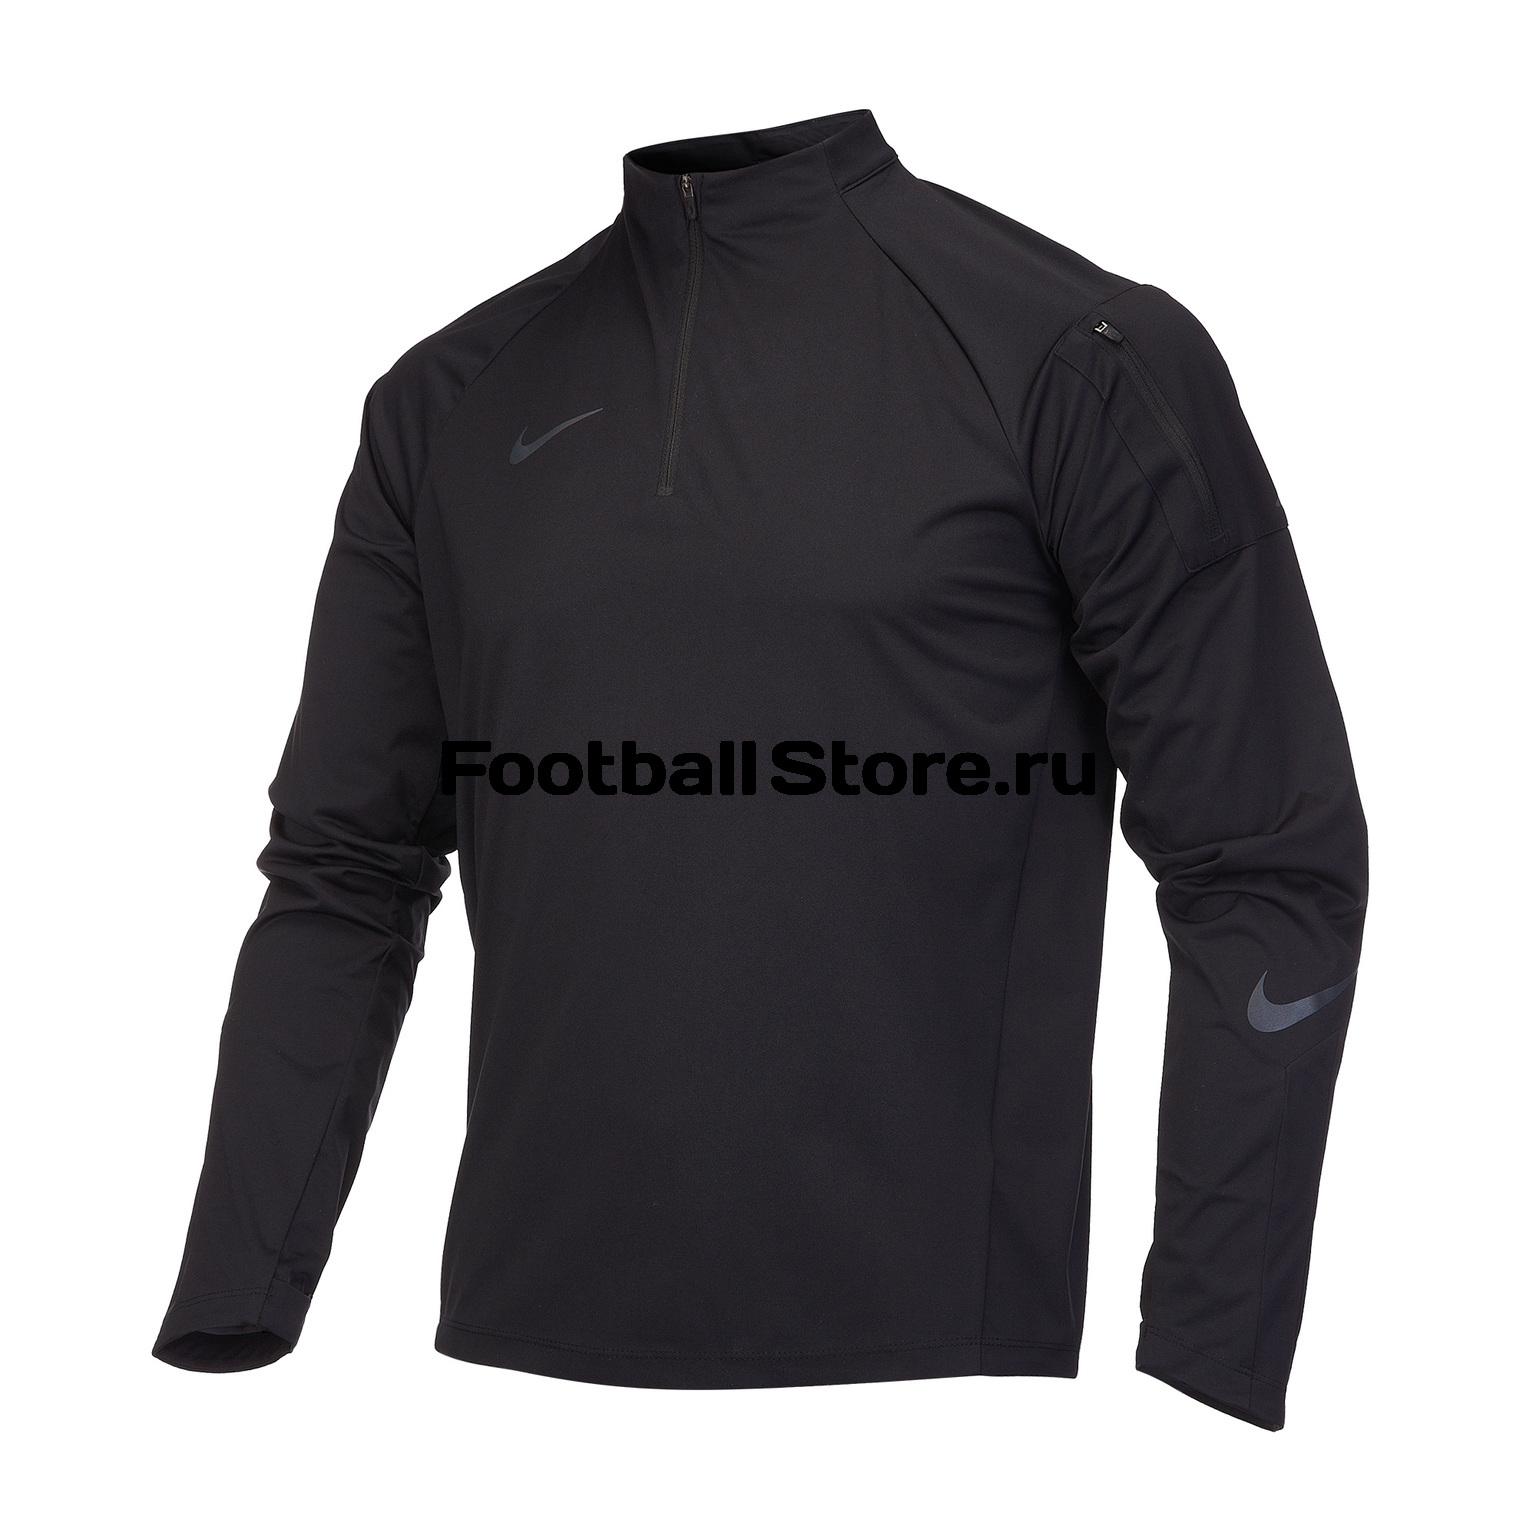 цена на Свитер тренировочный подростковый Nike Dril Top AJ3676-010